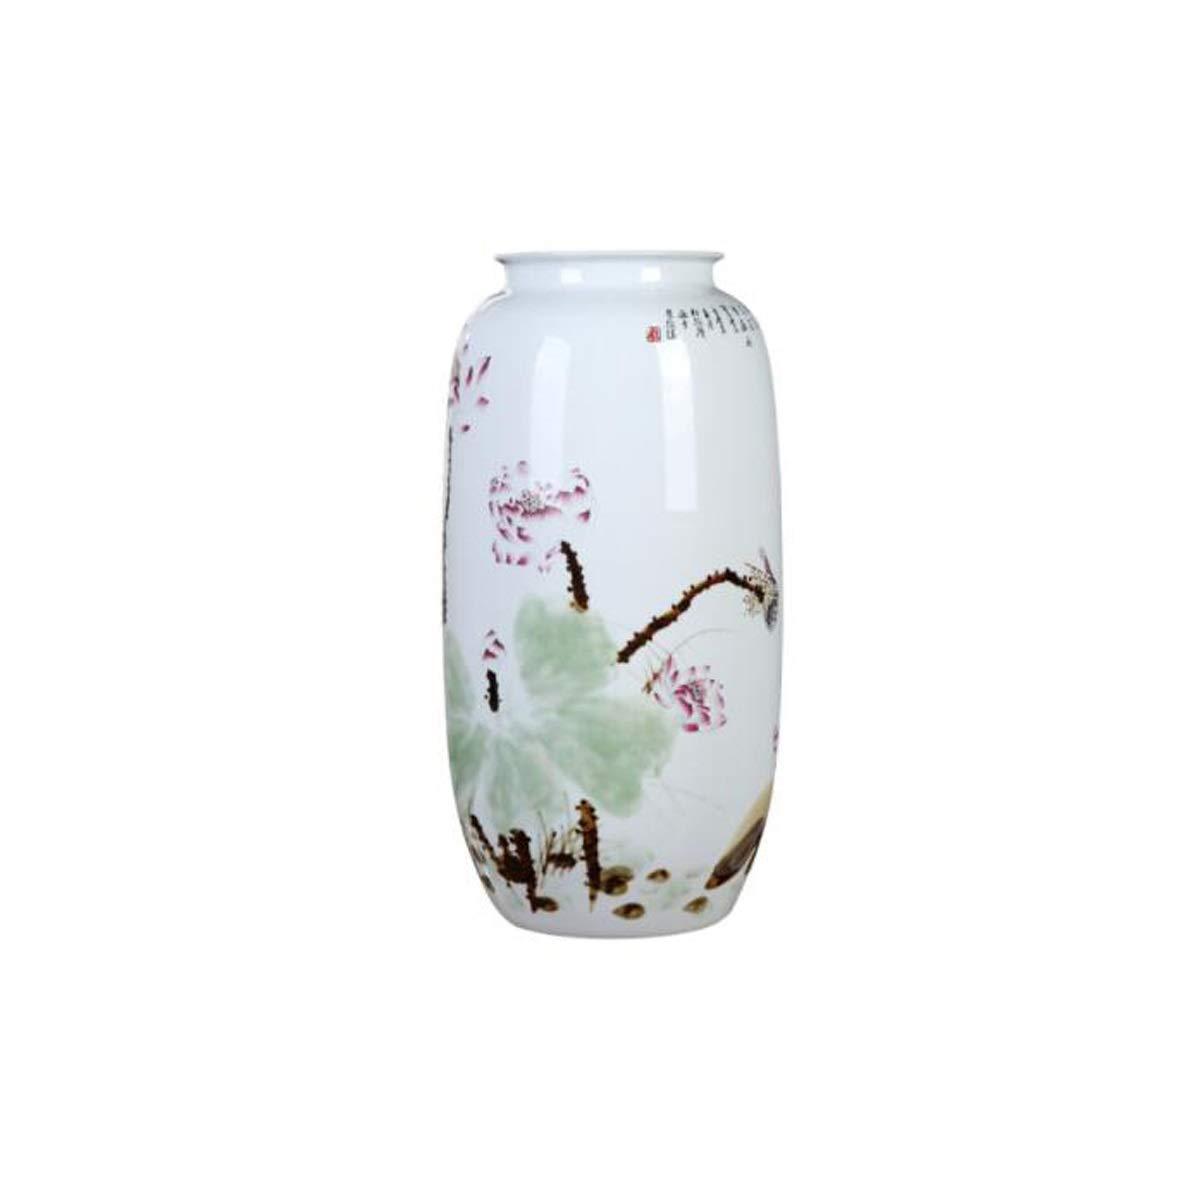 SHENGSHIHUIZHONG 花瓶の装飾、景徳鎮のセラミック装飾品、手描きの窯可変蓮の大花瓶、新しい中国風のリビングルームのポーチの装飾品 中華風 (Color : Multi-colored) B07STSXQ2Q Multi-colored